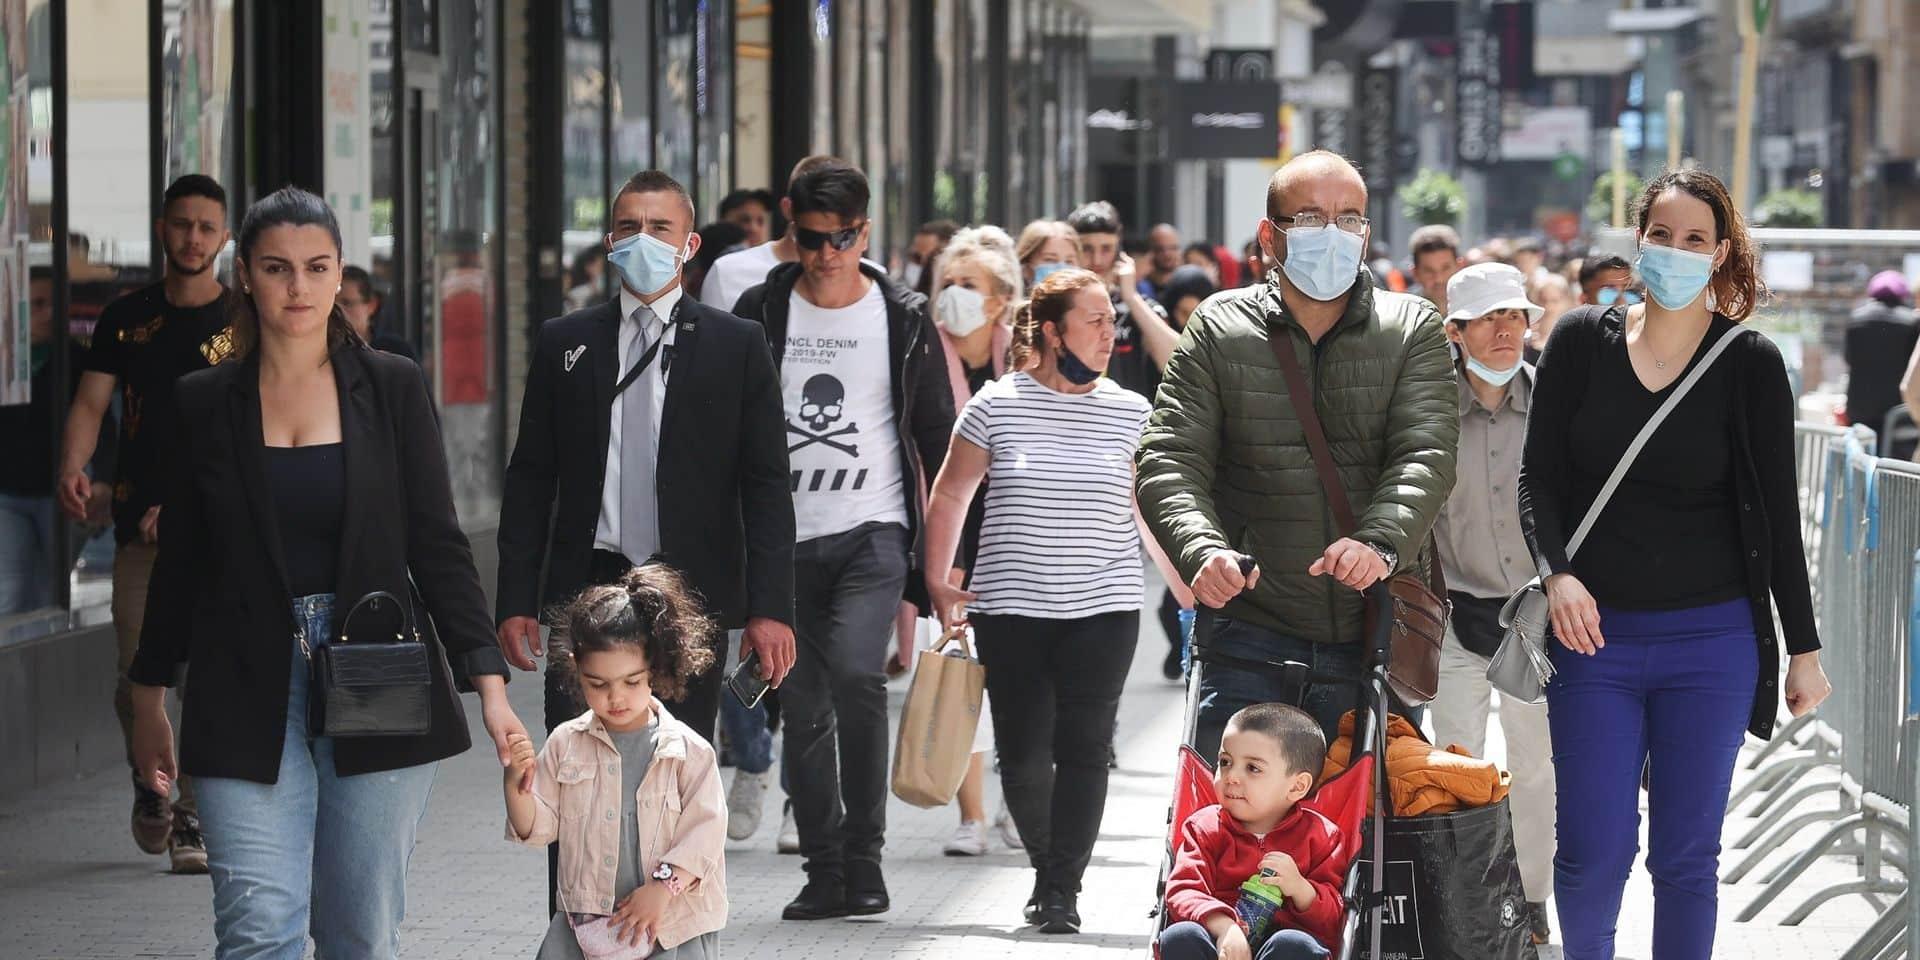 Le masque devient obligatoire dans les magasins et certains lieux publics à partir de samedi